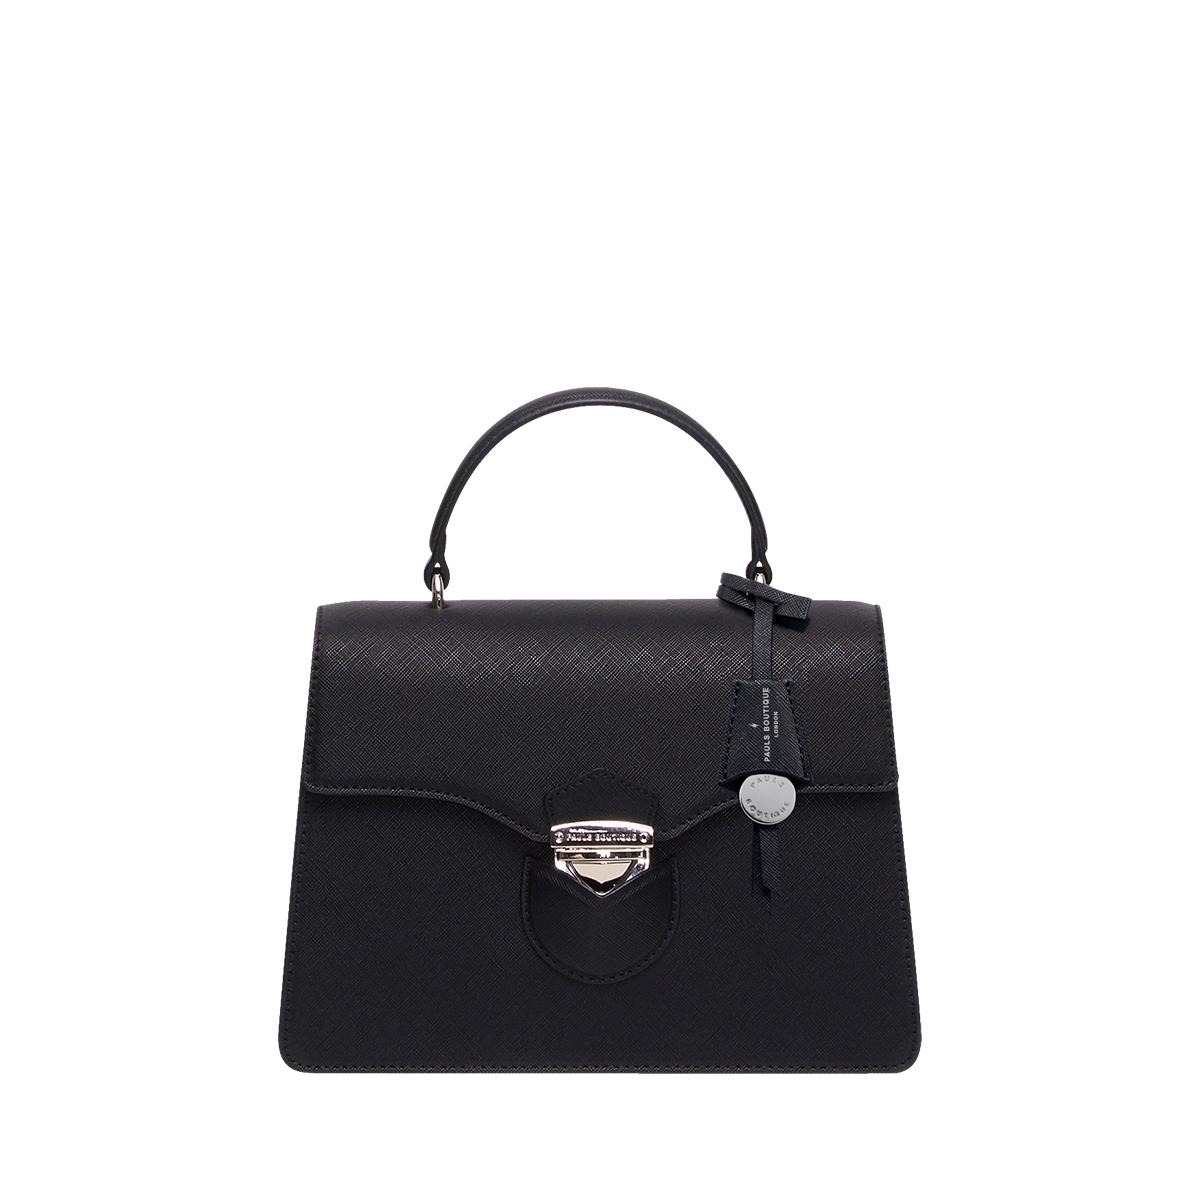 폴스부띠끄 20대여성도트백 크로스백 아이돌 가방으로 유명한 사피아노소재 TULLY 튤리백 PK5BTT7TYTBK 블랙 컬러